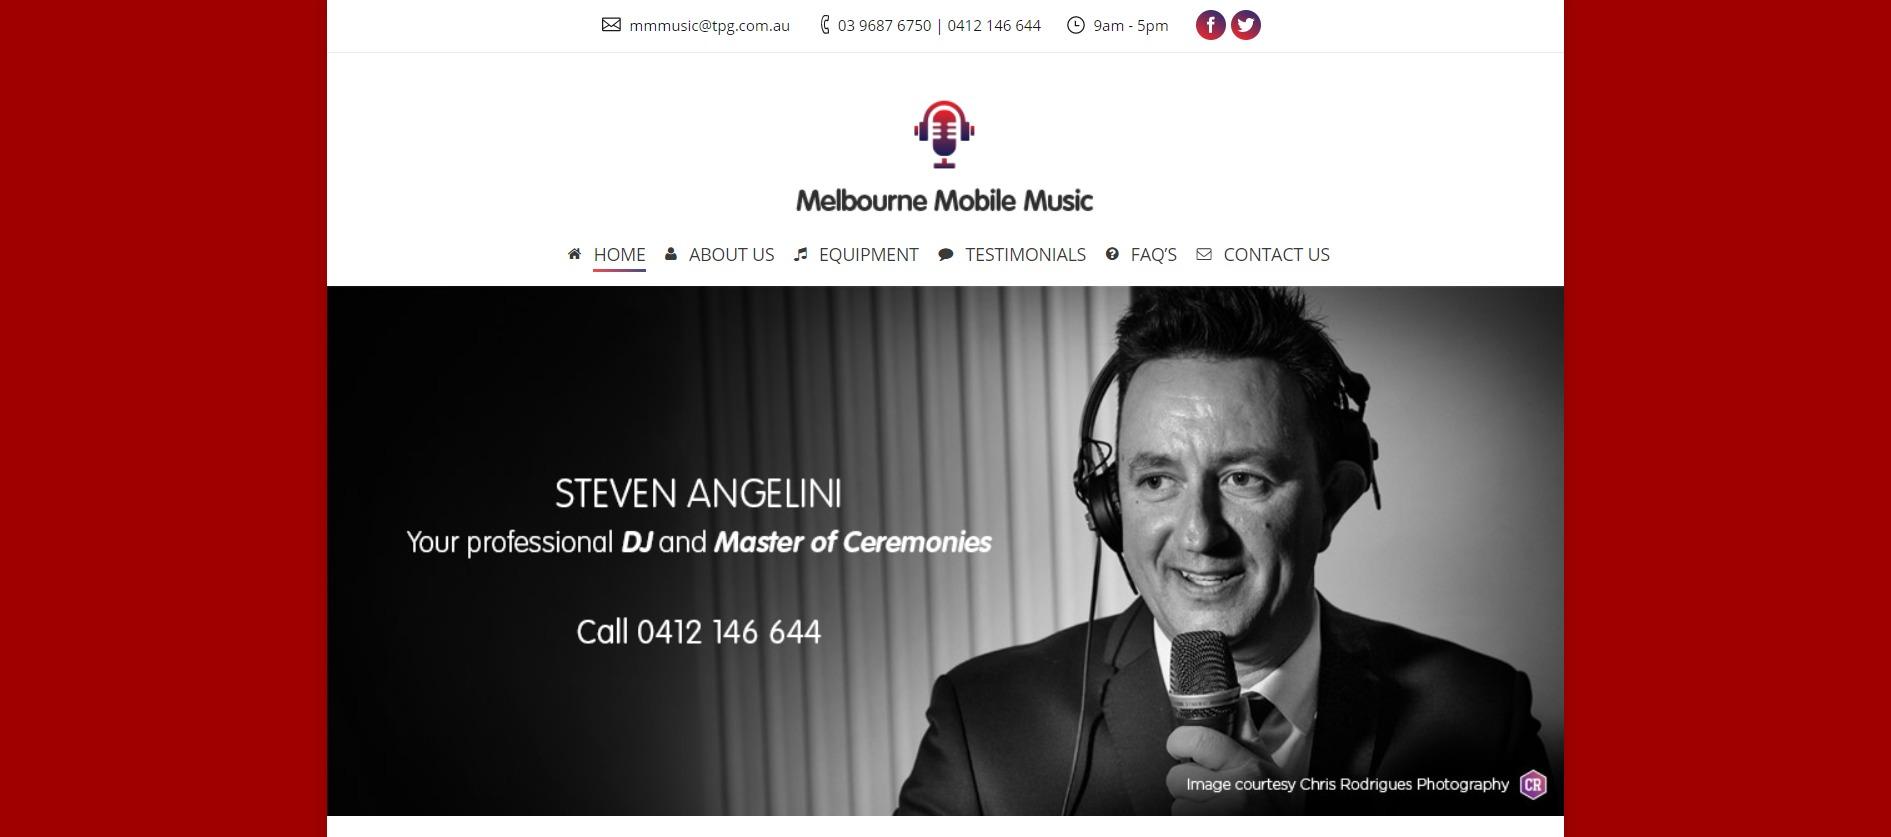 Melbourne Mobile Music